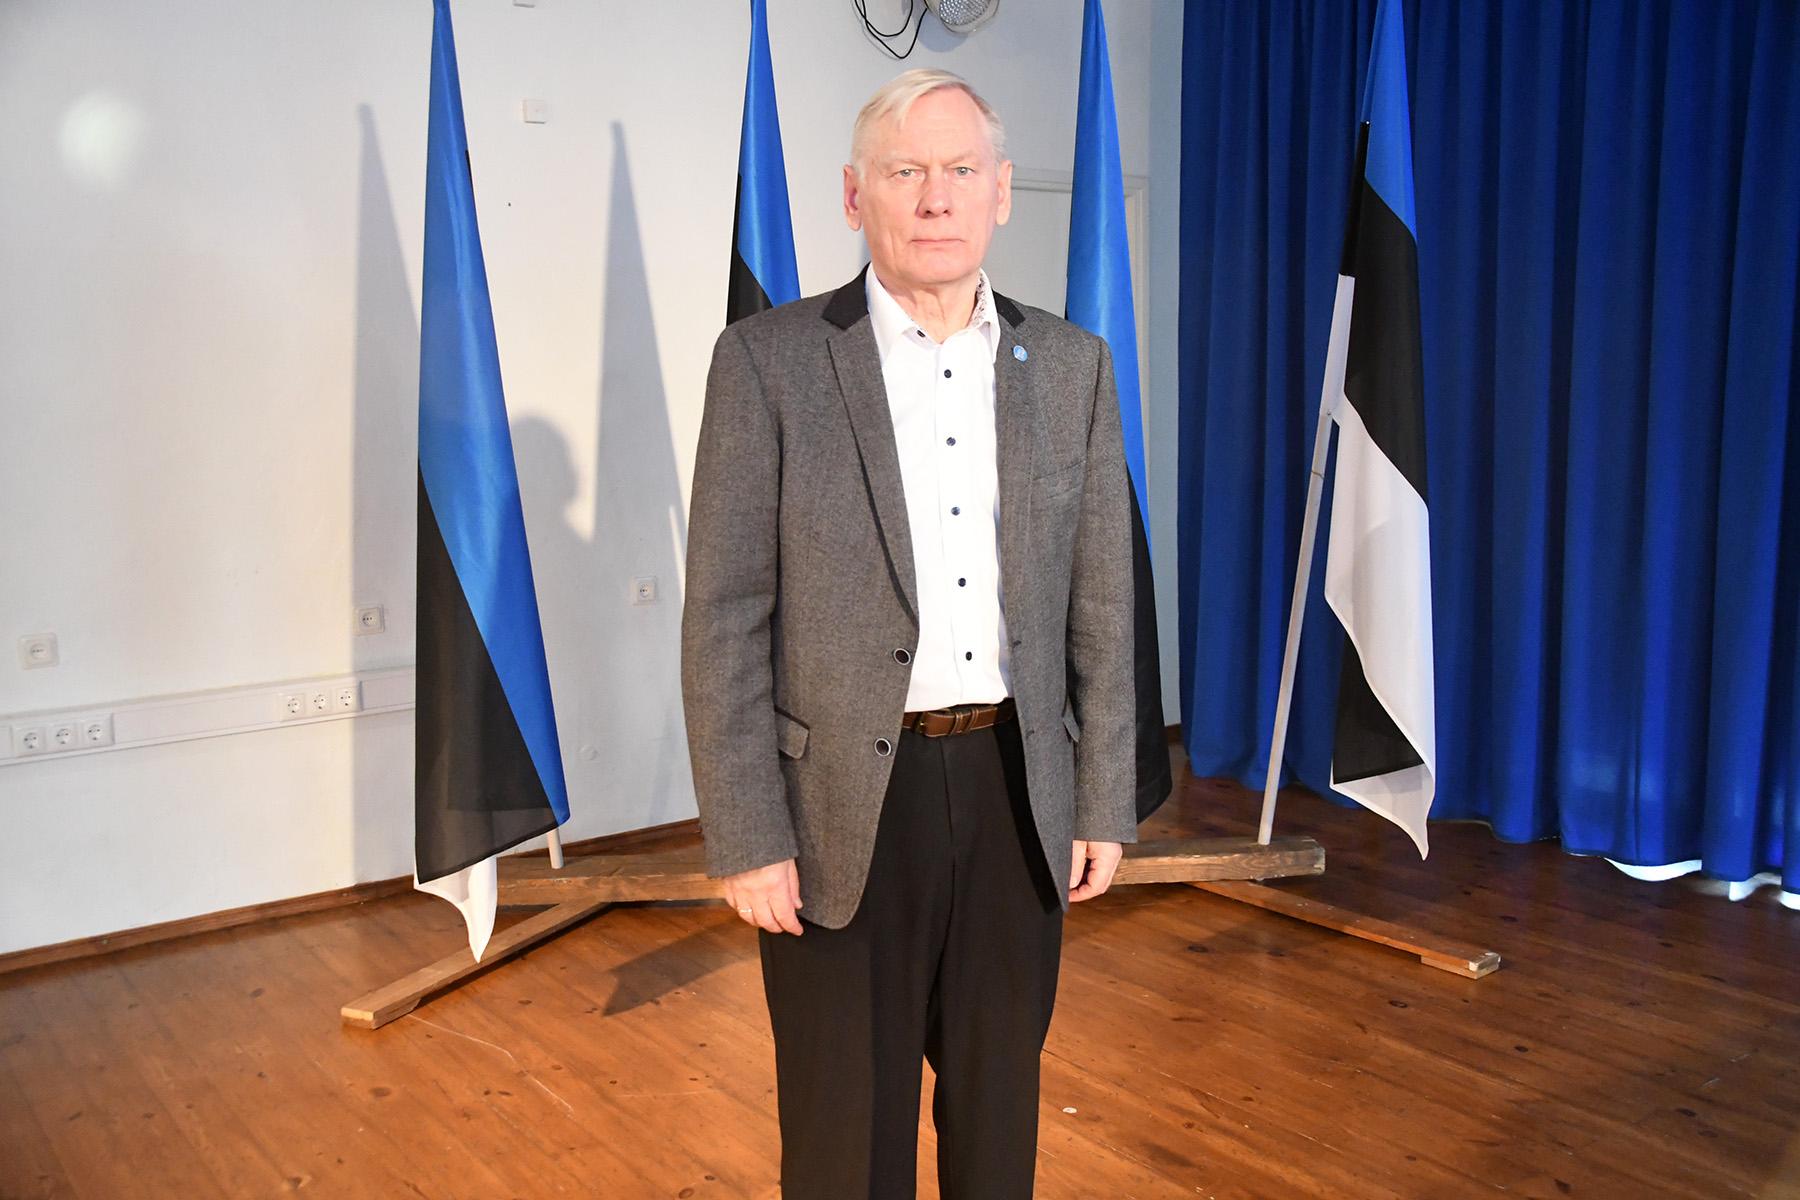 Trivimi Velliste, Eesti lipu seltsi juhatuse liige, Sindi gümnaasiumi õpilaskonveentsil Eesti lipp 135 Foto Urmas Saard